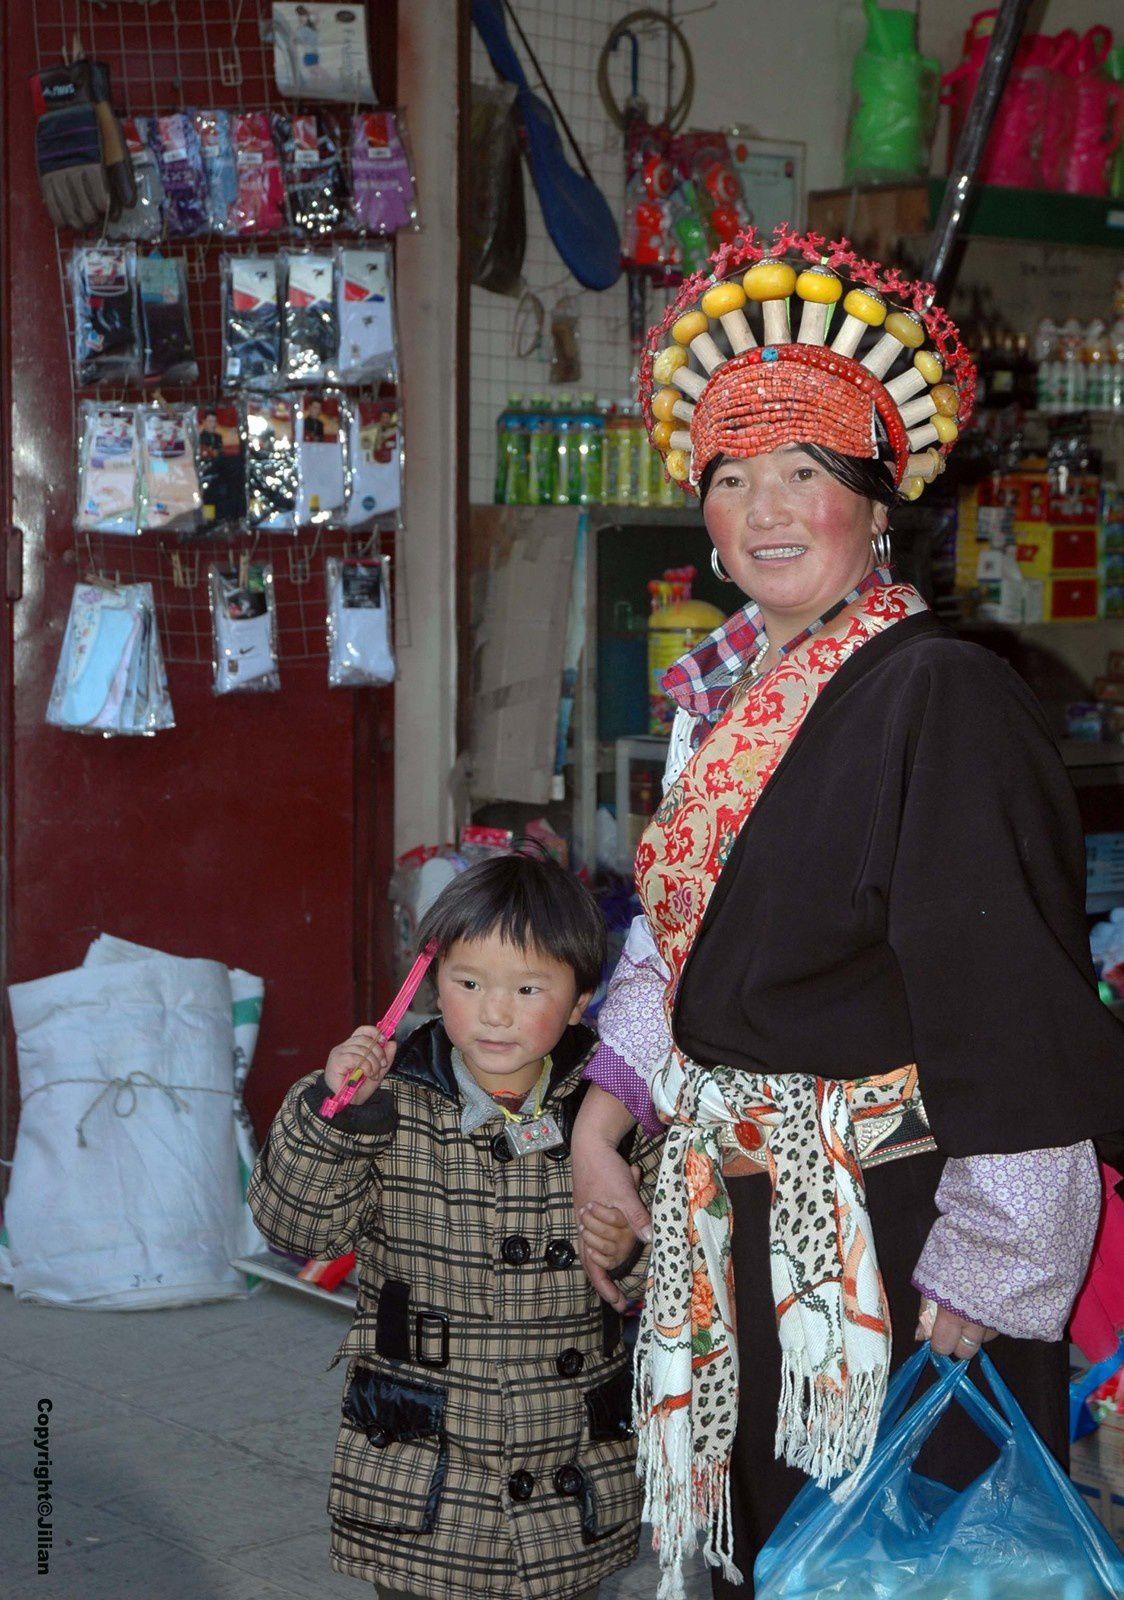 Femmes tibétaines. Les coiffes élaborées sont des signes de richesse.